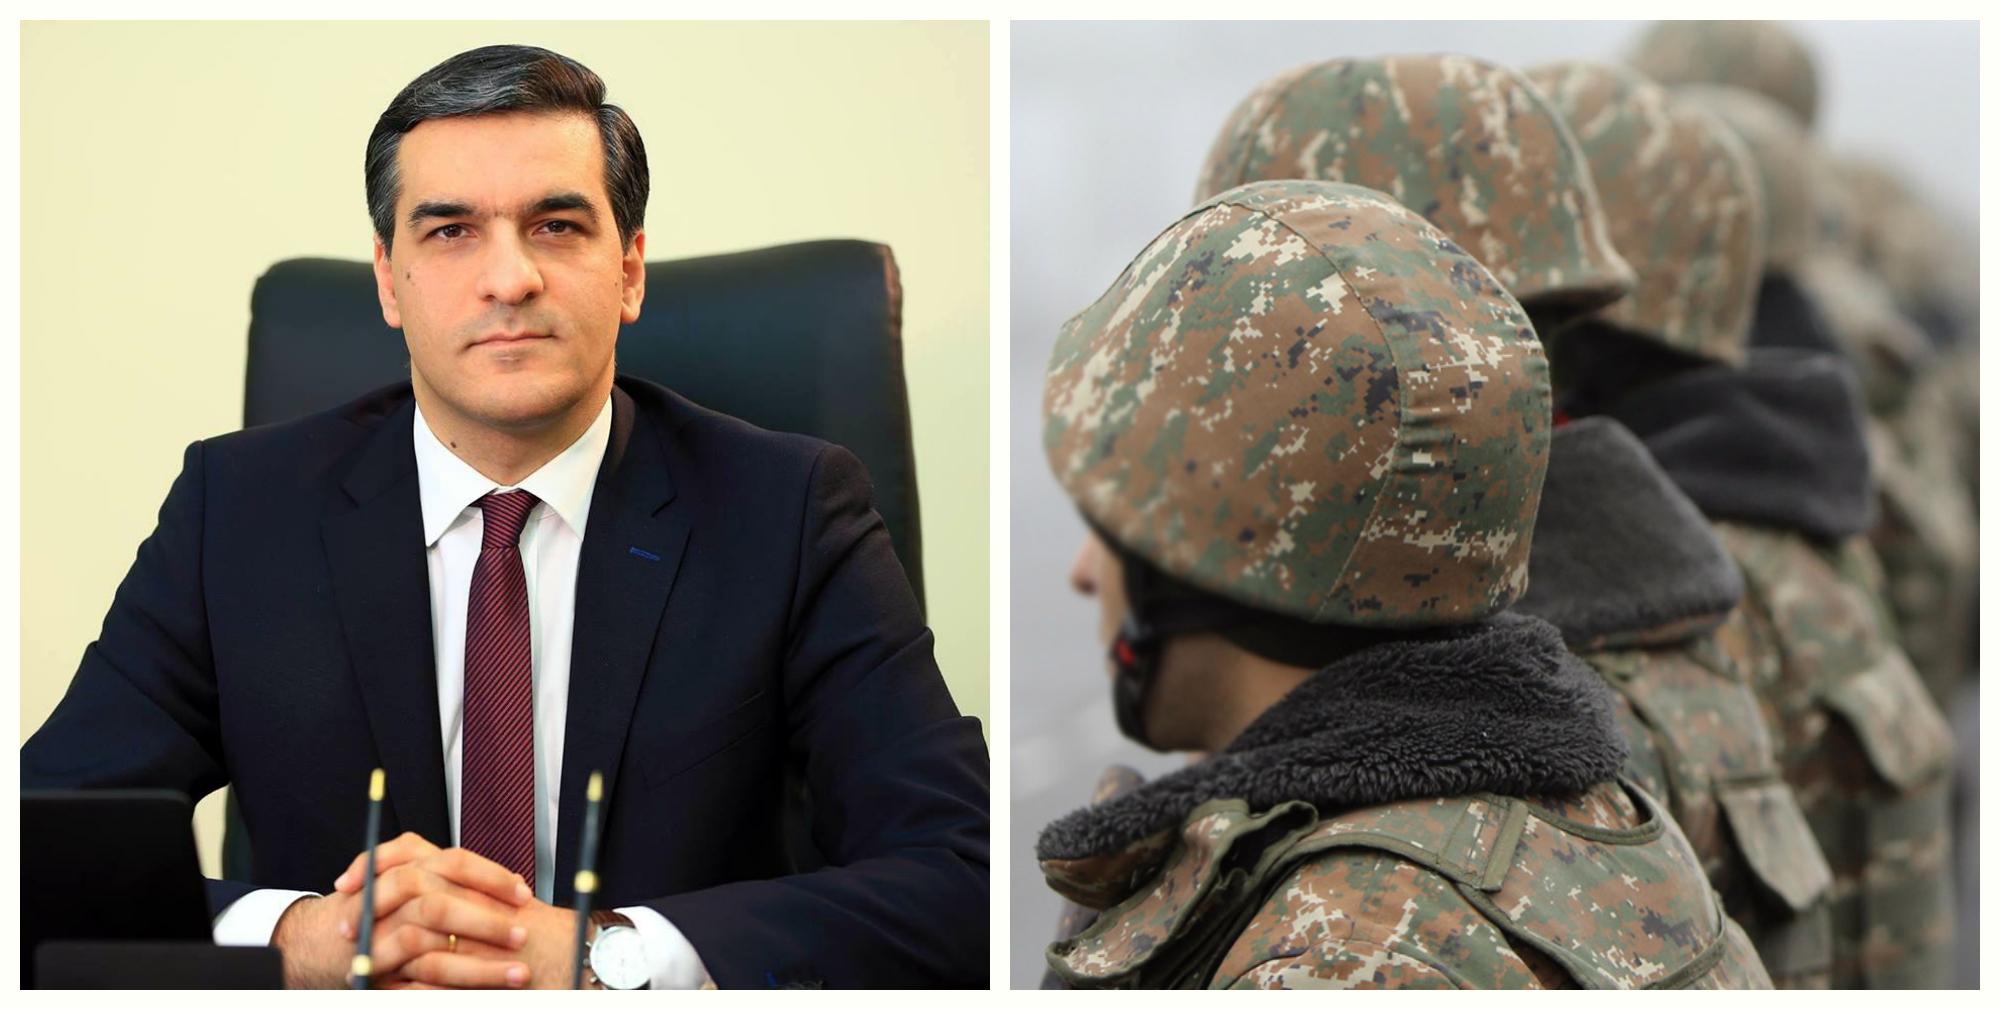 ՀՀ Մարդու իրավունքների պաշտպանը Արցախում առանձնազրույցներ է ունեցել զինծառայողների հետ (լուսանկարներ)